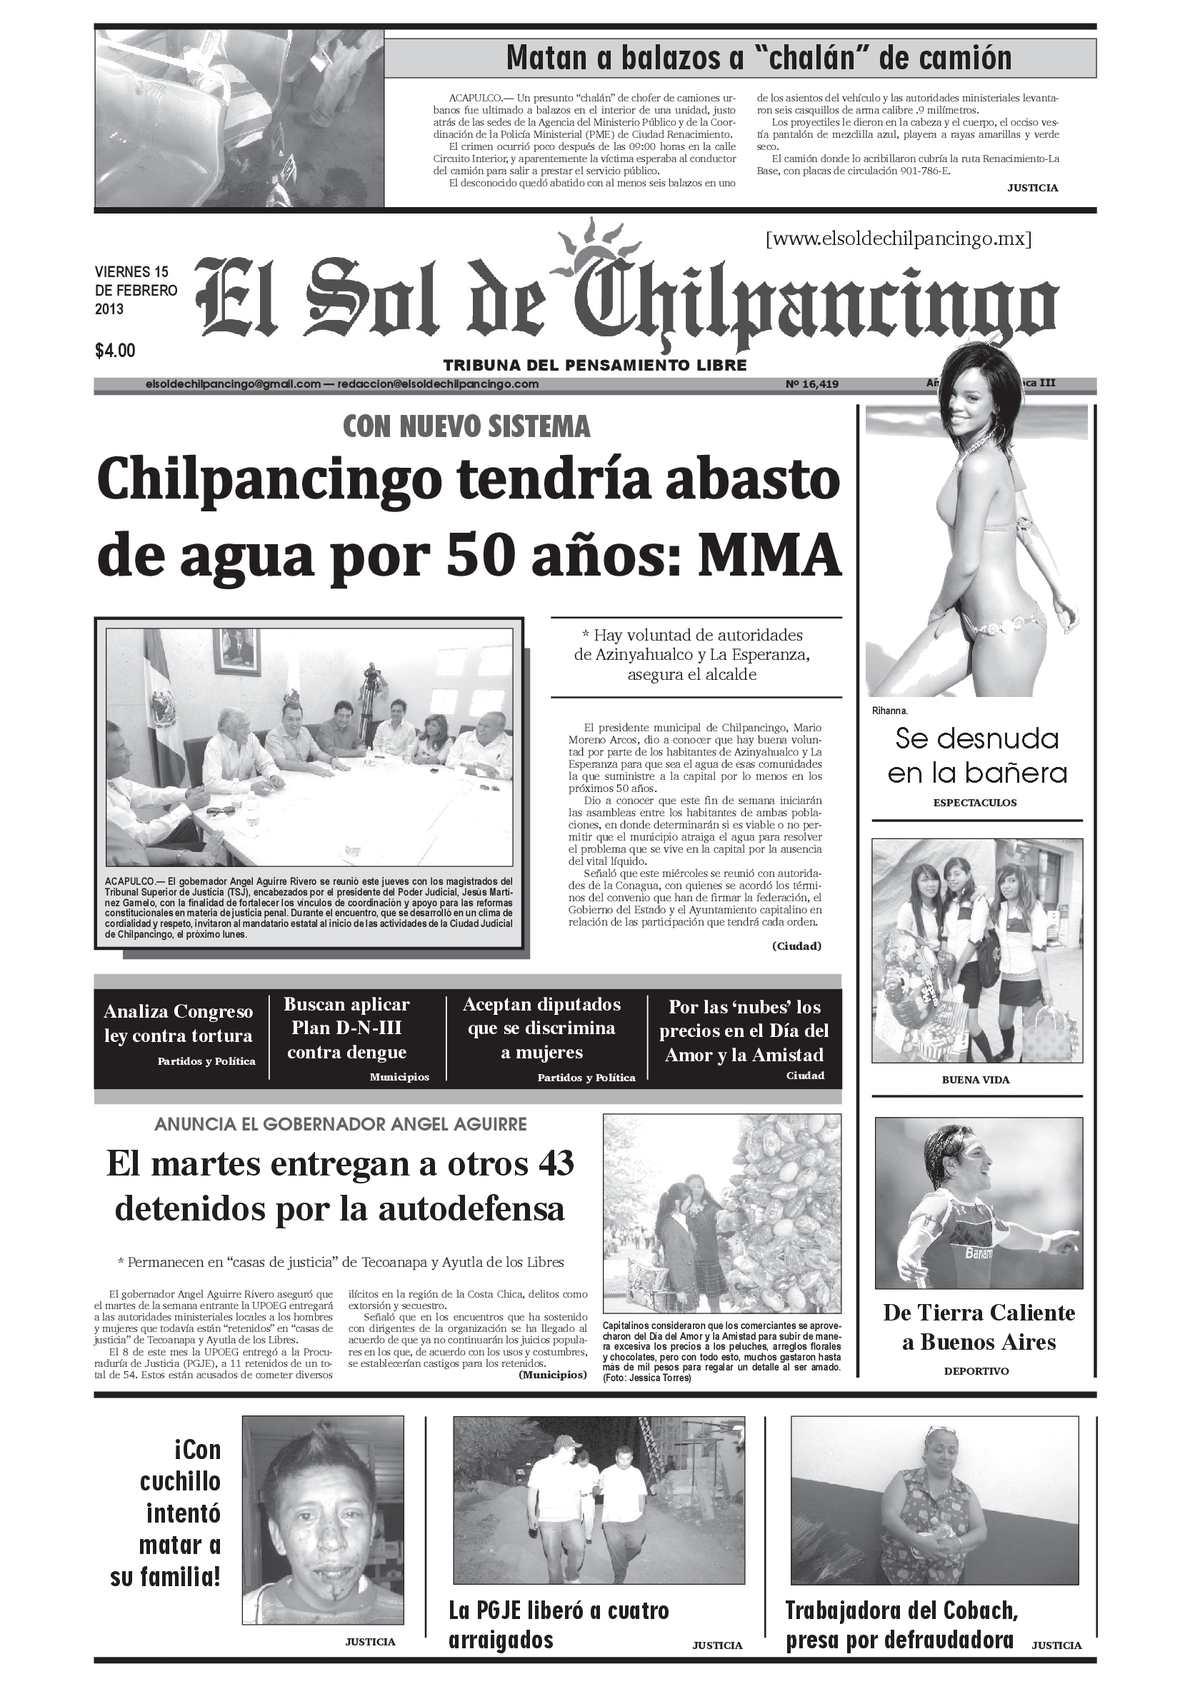 Calaméo - El Sol de Chilpancingo - 15 Febrero 2013